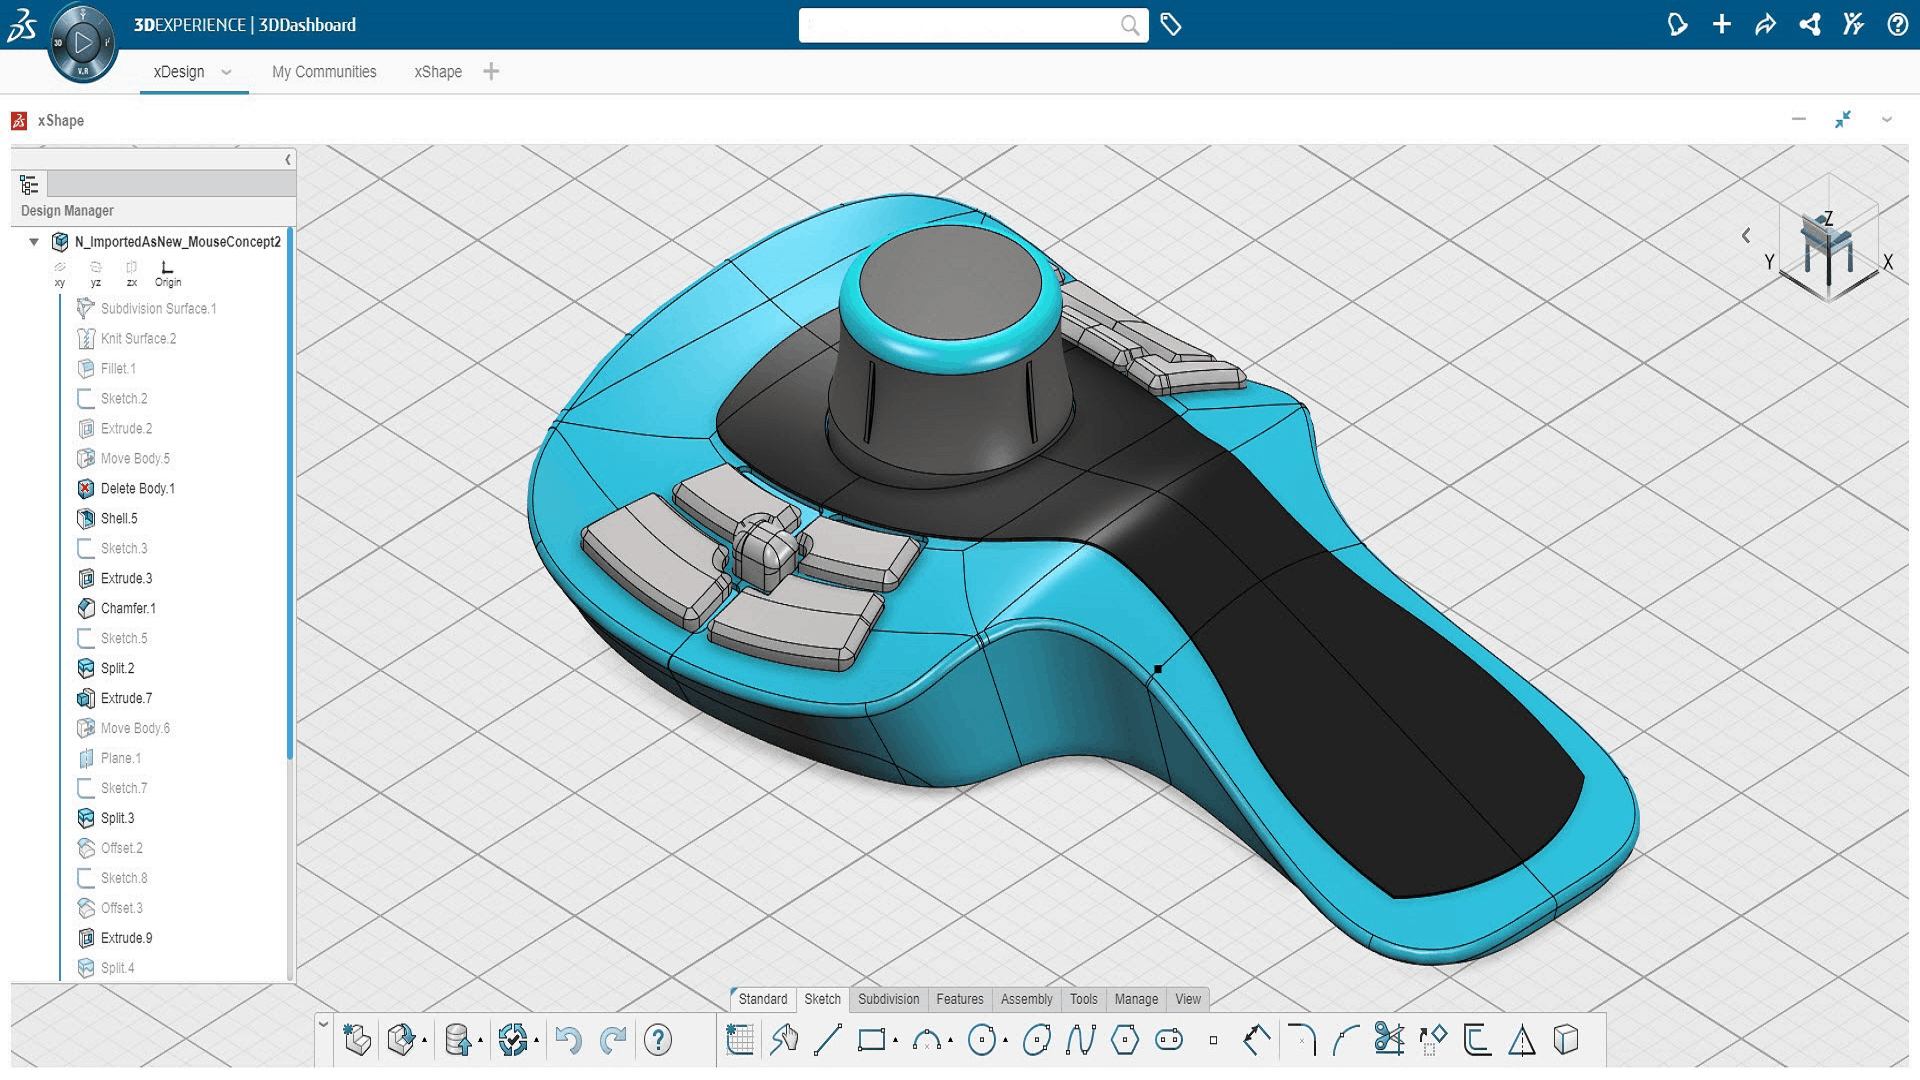 Maschinelles Lernen ermöglicht effizientere 3D Konstruktion: Aktualisieren Sie überarbeitete SOLIDWORKS Dateien mit einem Klick